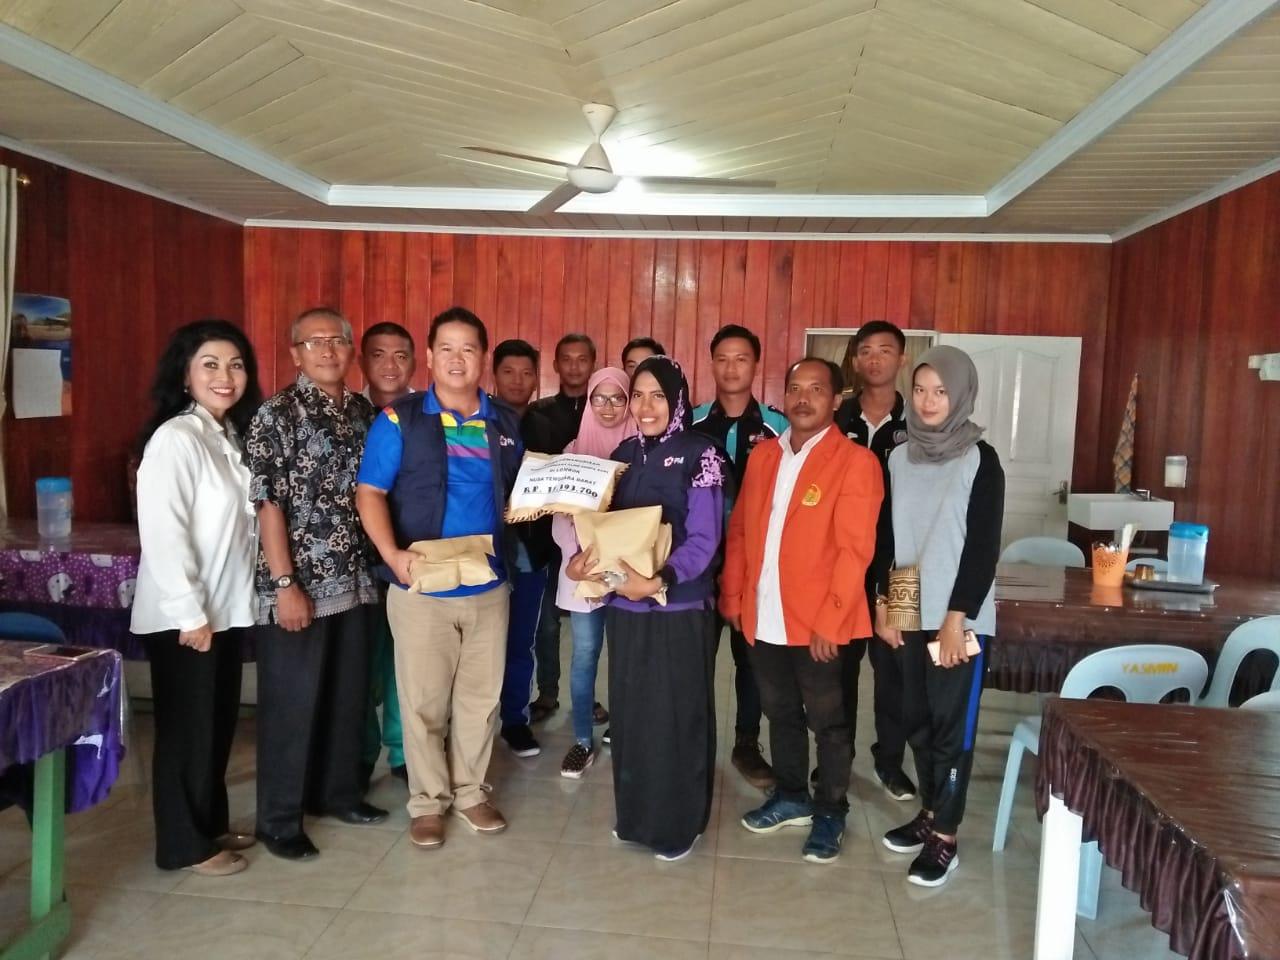 Penyerahan donasi dari Masyarakat Malinau melalui Relawan RMPB, PMR SMPN 1 Malinau Kota - (Ada 0 foto)